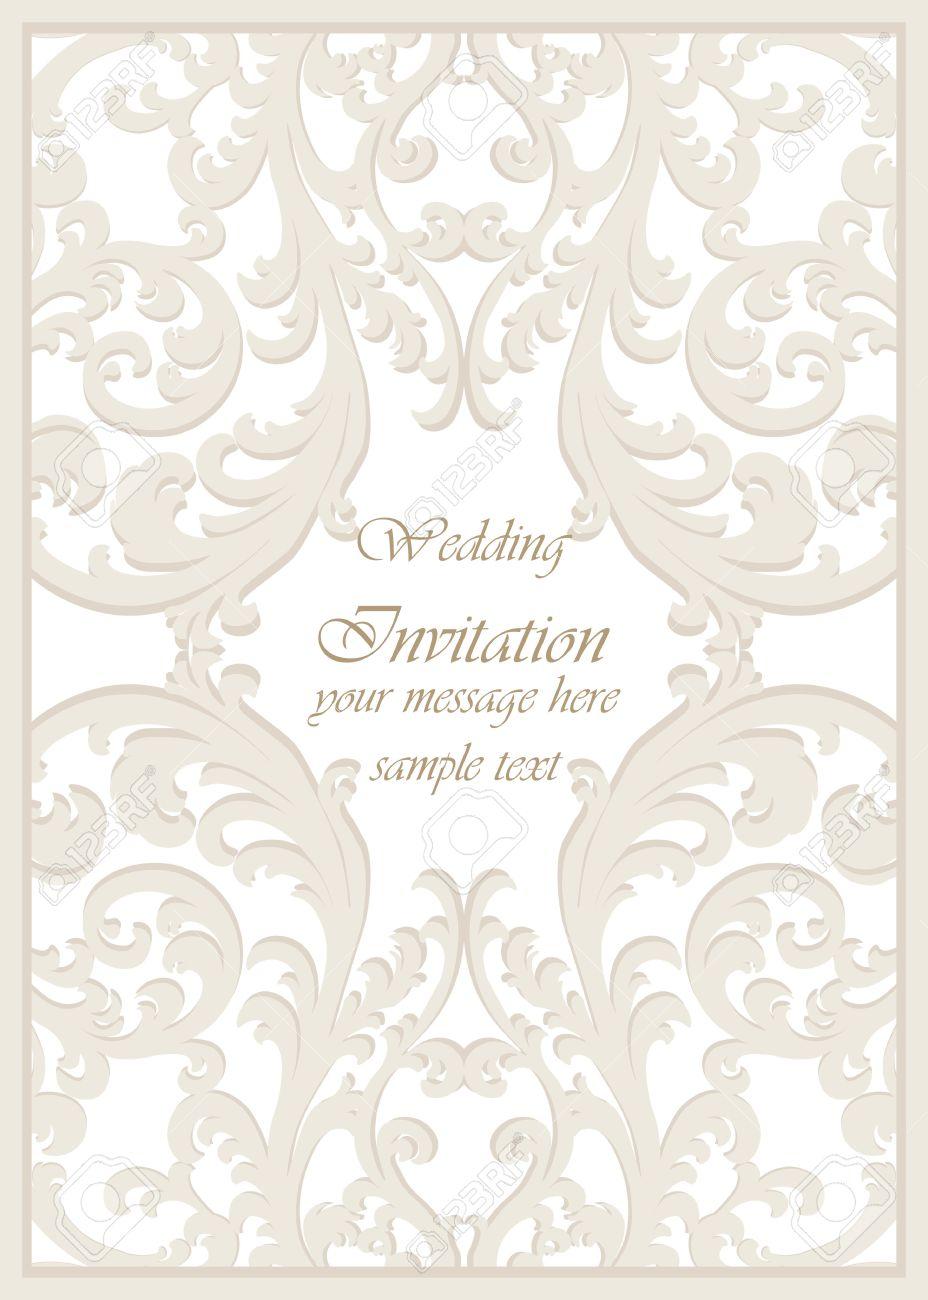 Tarjeta De Invitación De La Boda De La Vendimia Del Vector Clásico Estilo Imperial Fondo Del Ornamento Floral Para El Diseño Invitaciones De Boda